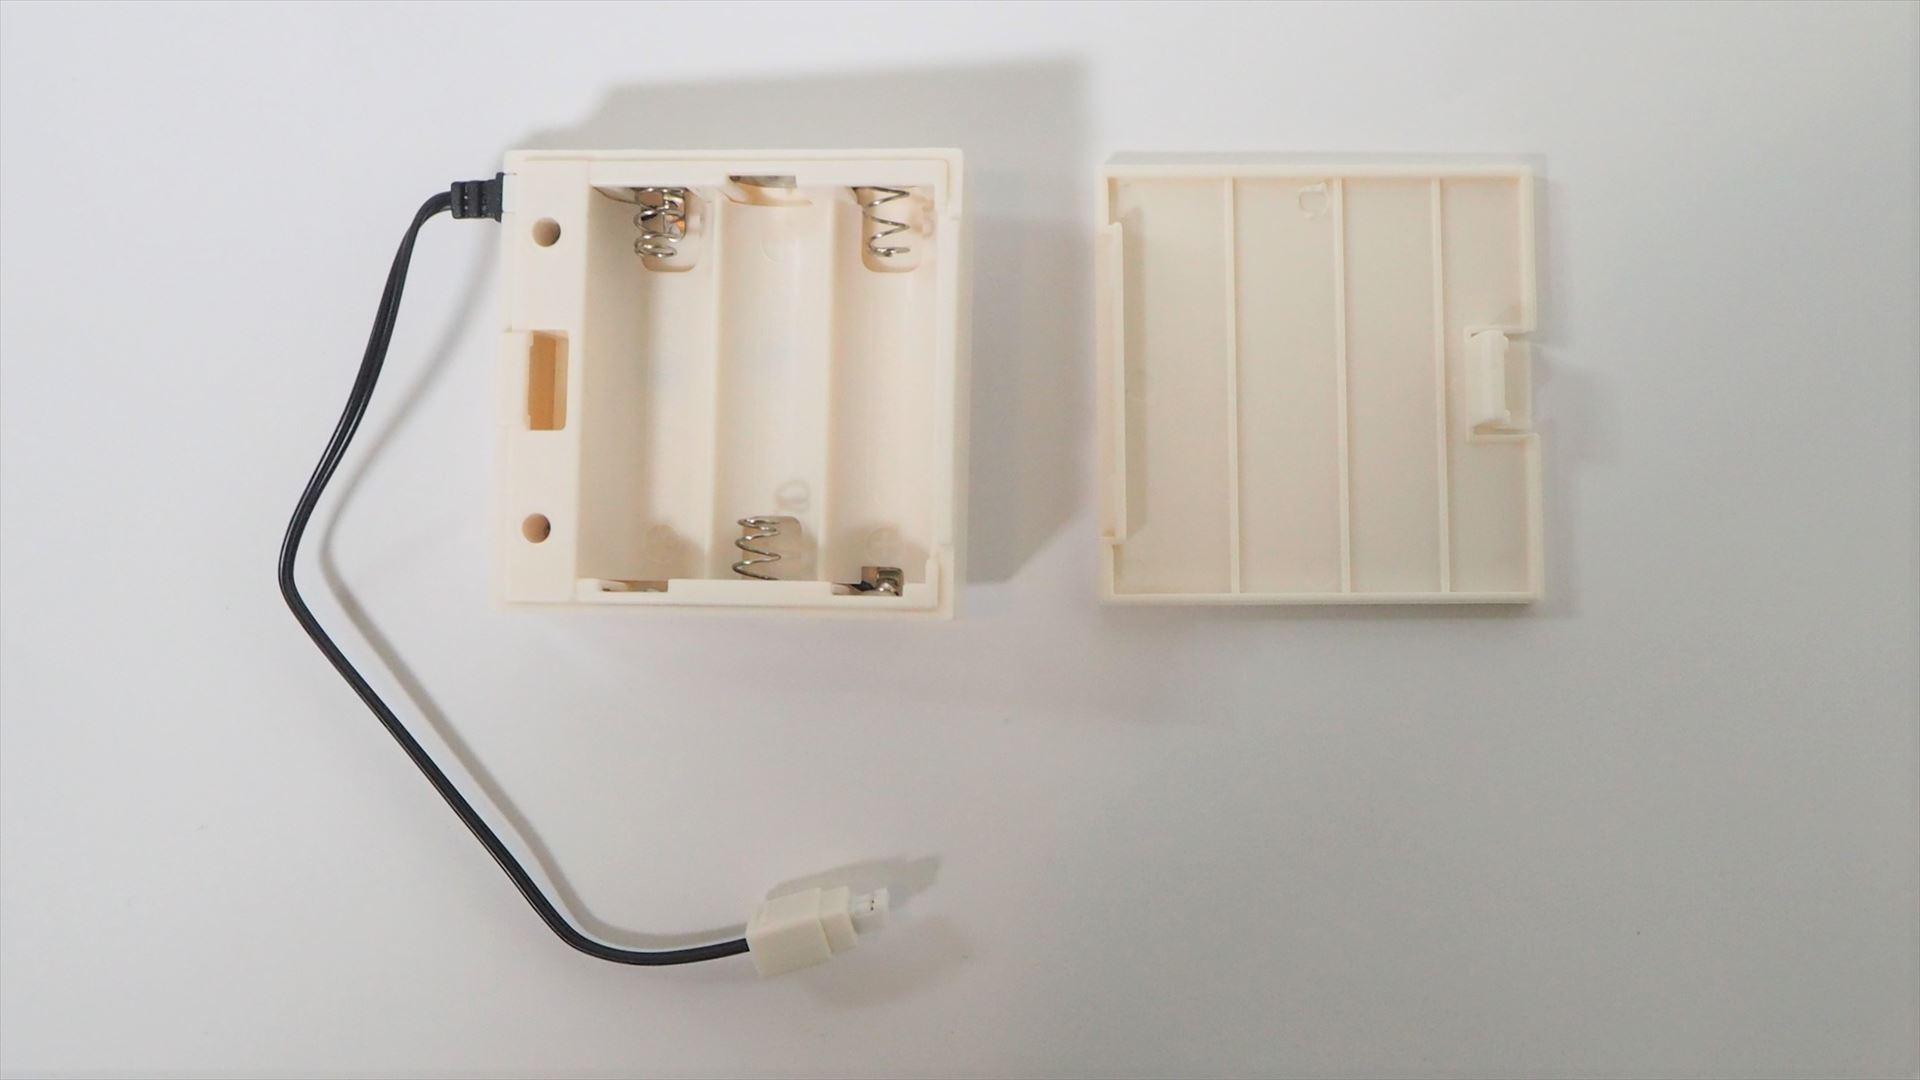 電池ボックスのフタをあけたところ。単3アルカリ電池3本で動作する